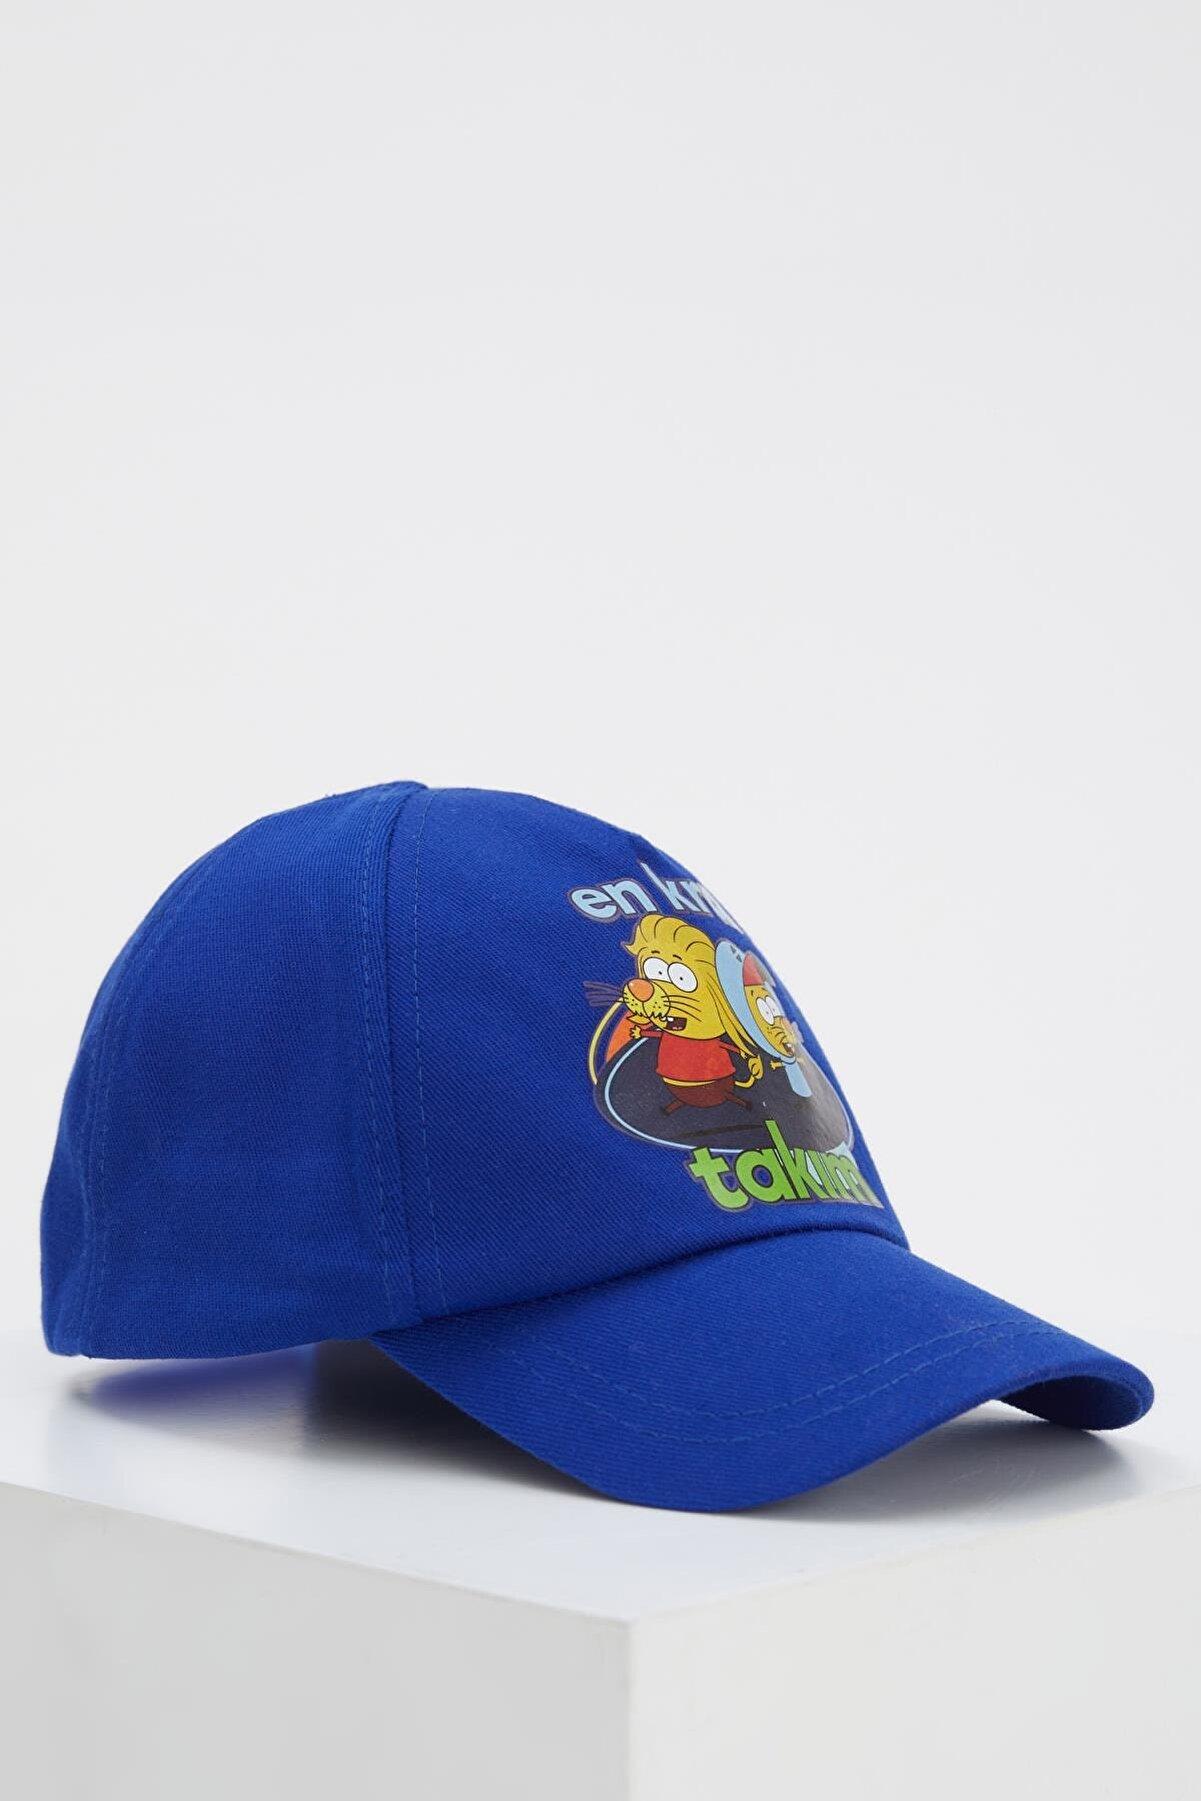 Defacto Erkek Çocuk Kral Şakir Lisanslı Baseball Şapka